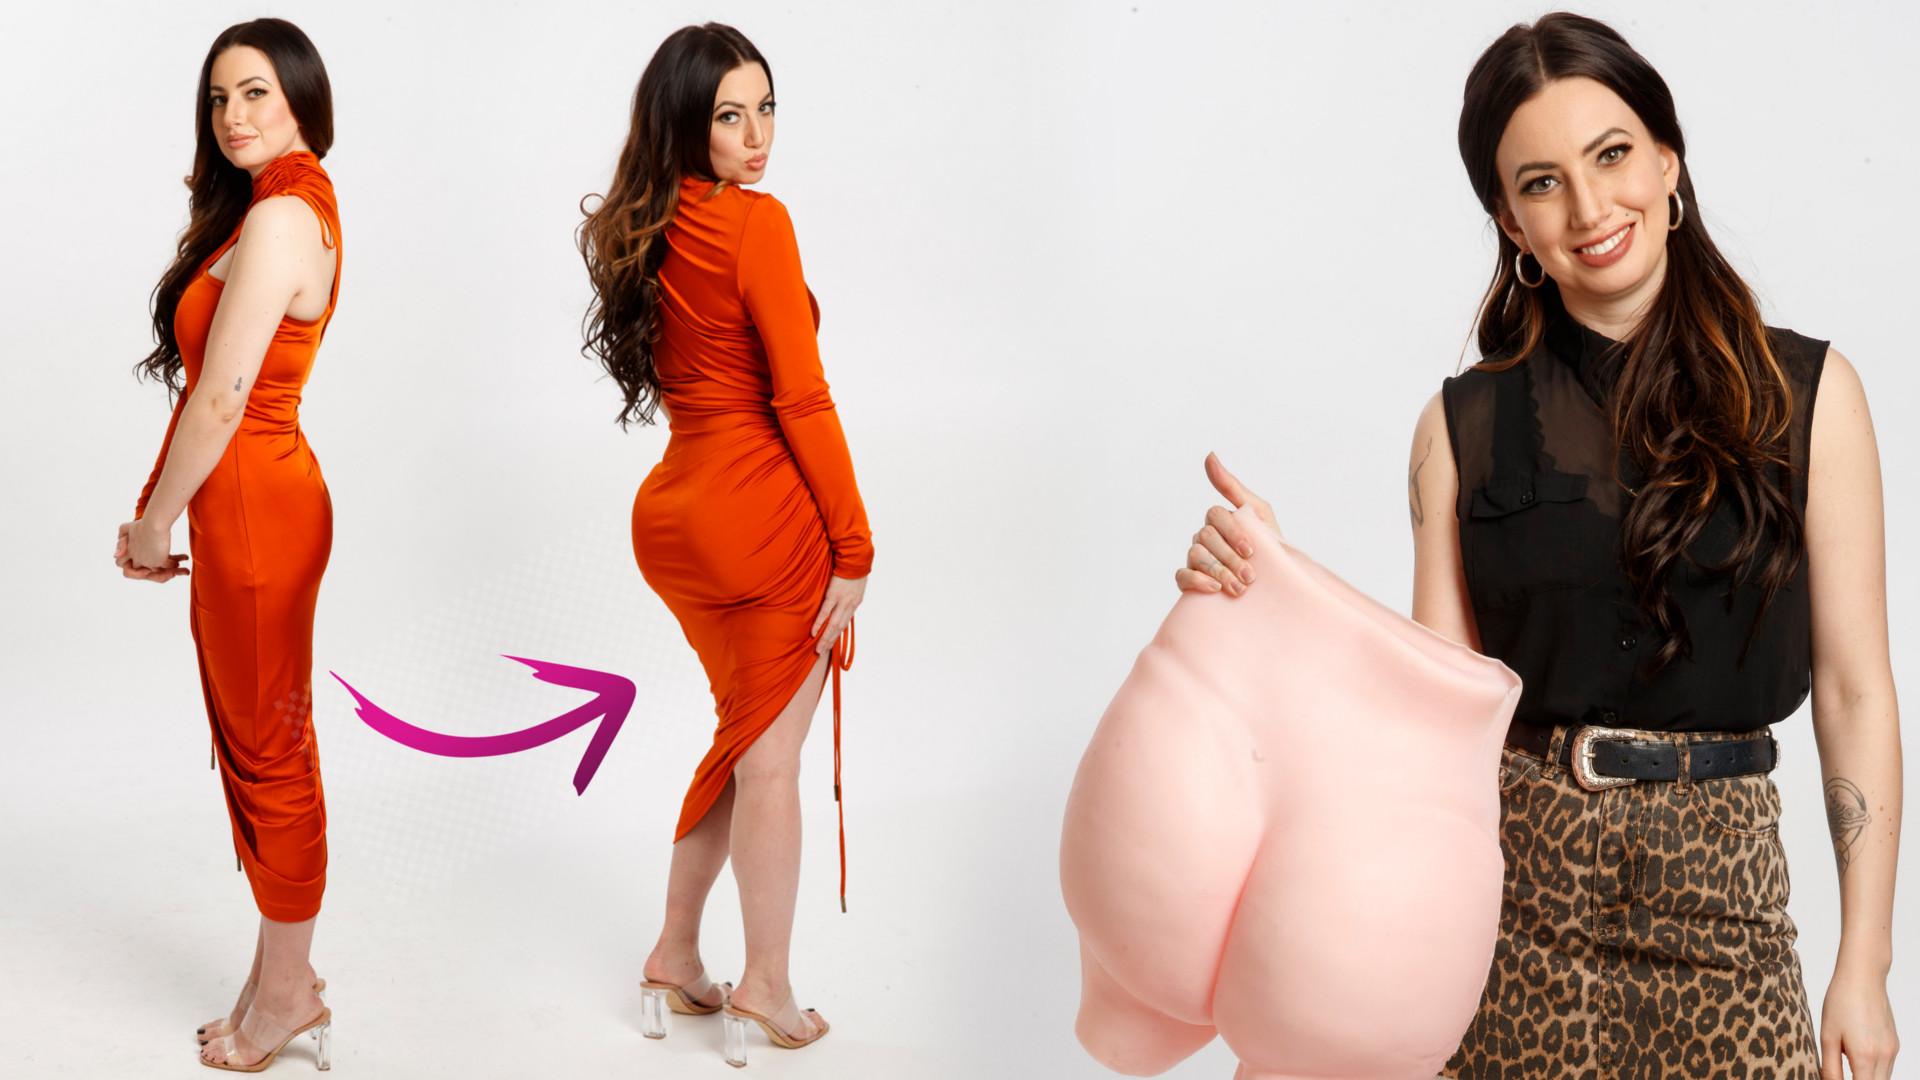 Świat się kończy! Za 450 dolarów możesz sobie kupić PUPĘ Kim Kardashian (ZDJĘCIA)